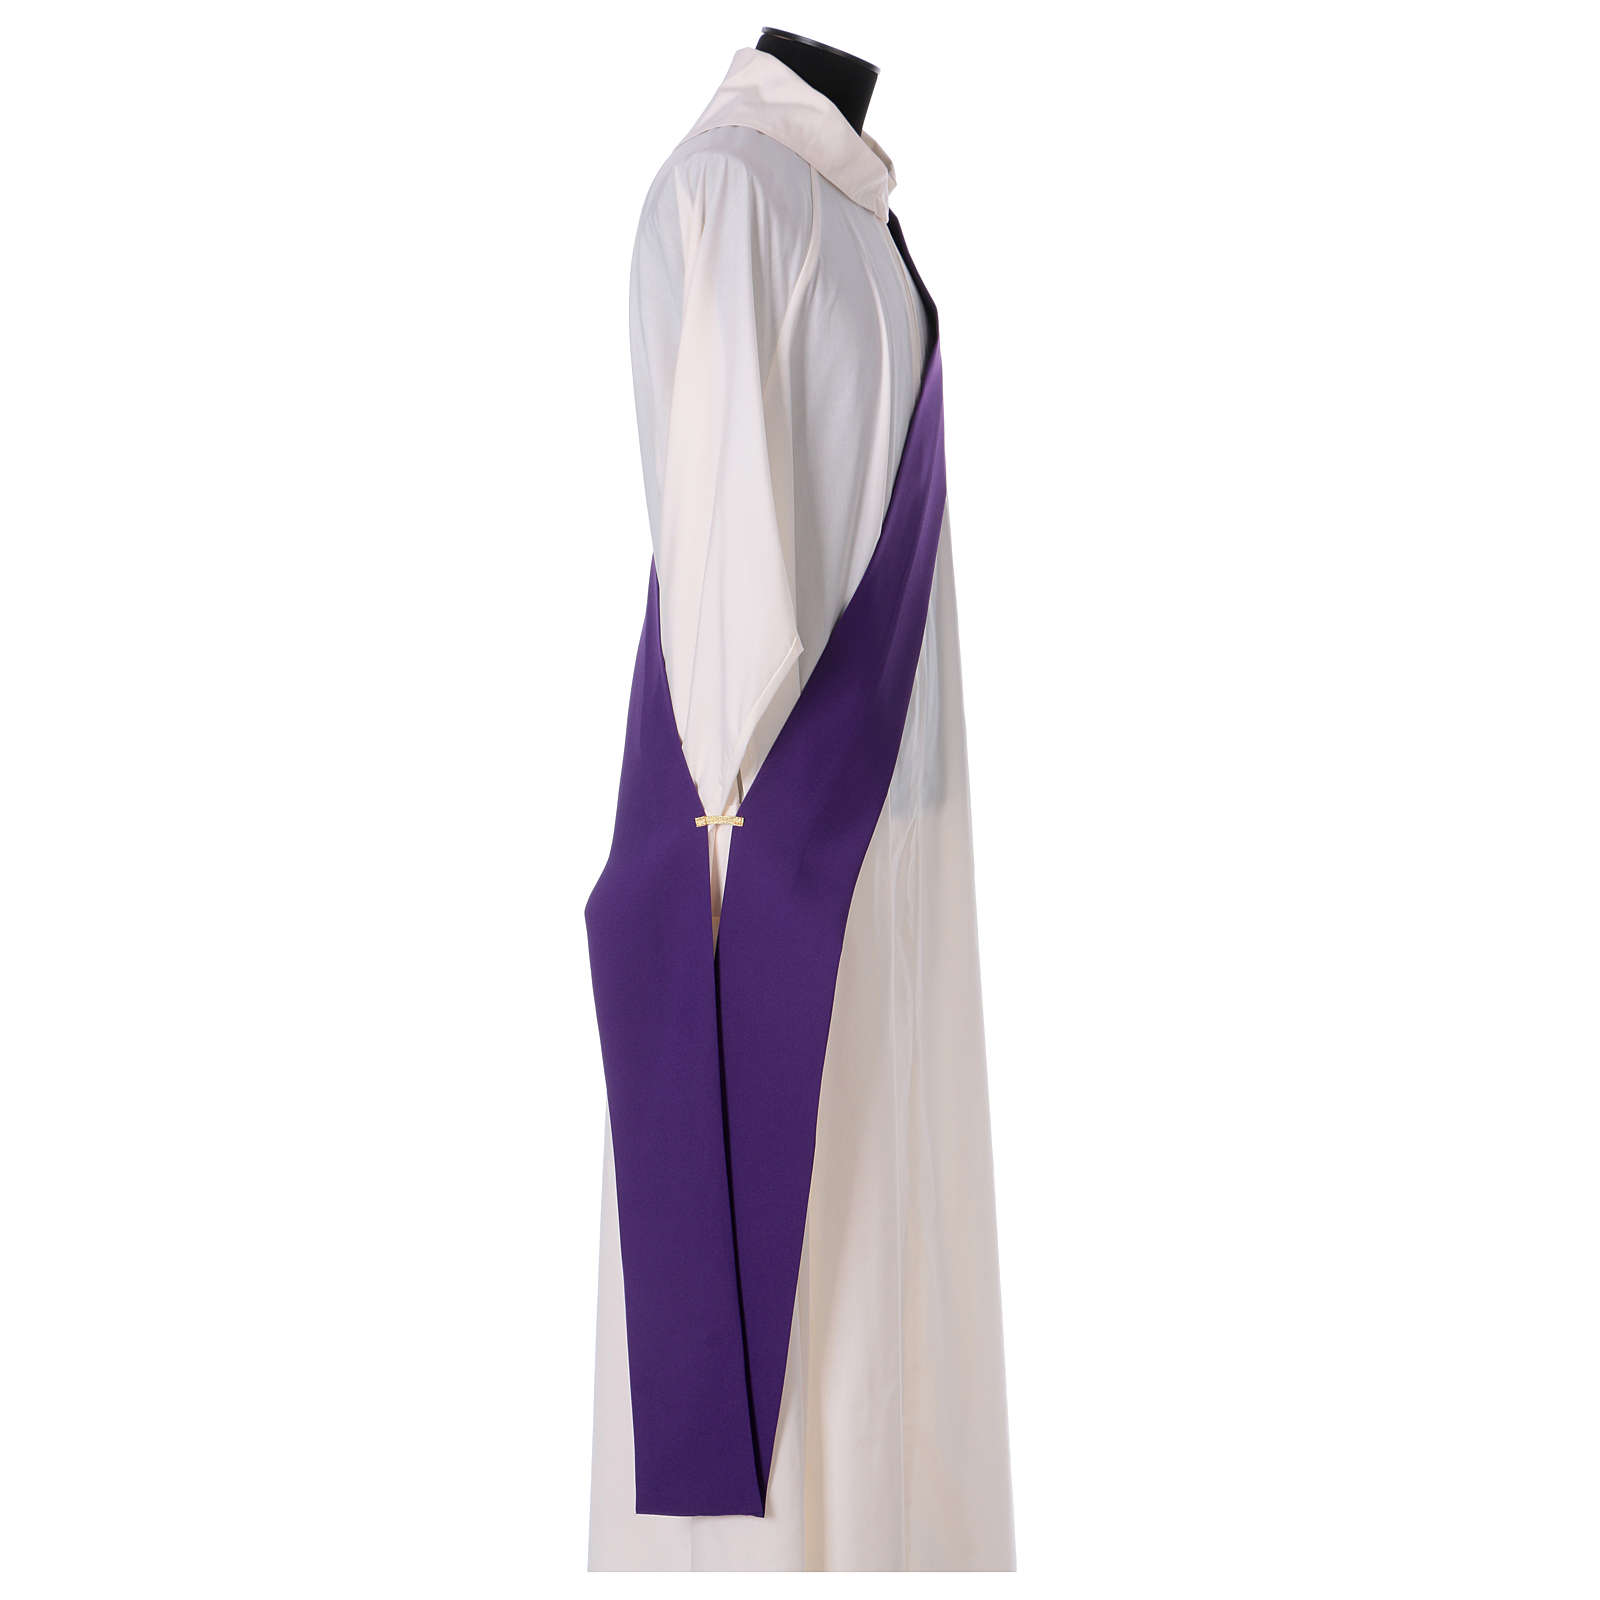 Dalmatique bande appliquée avant arrière tissu Vatican 100% polyester 4